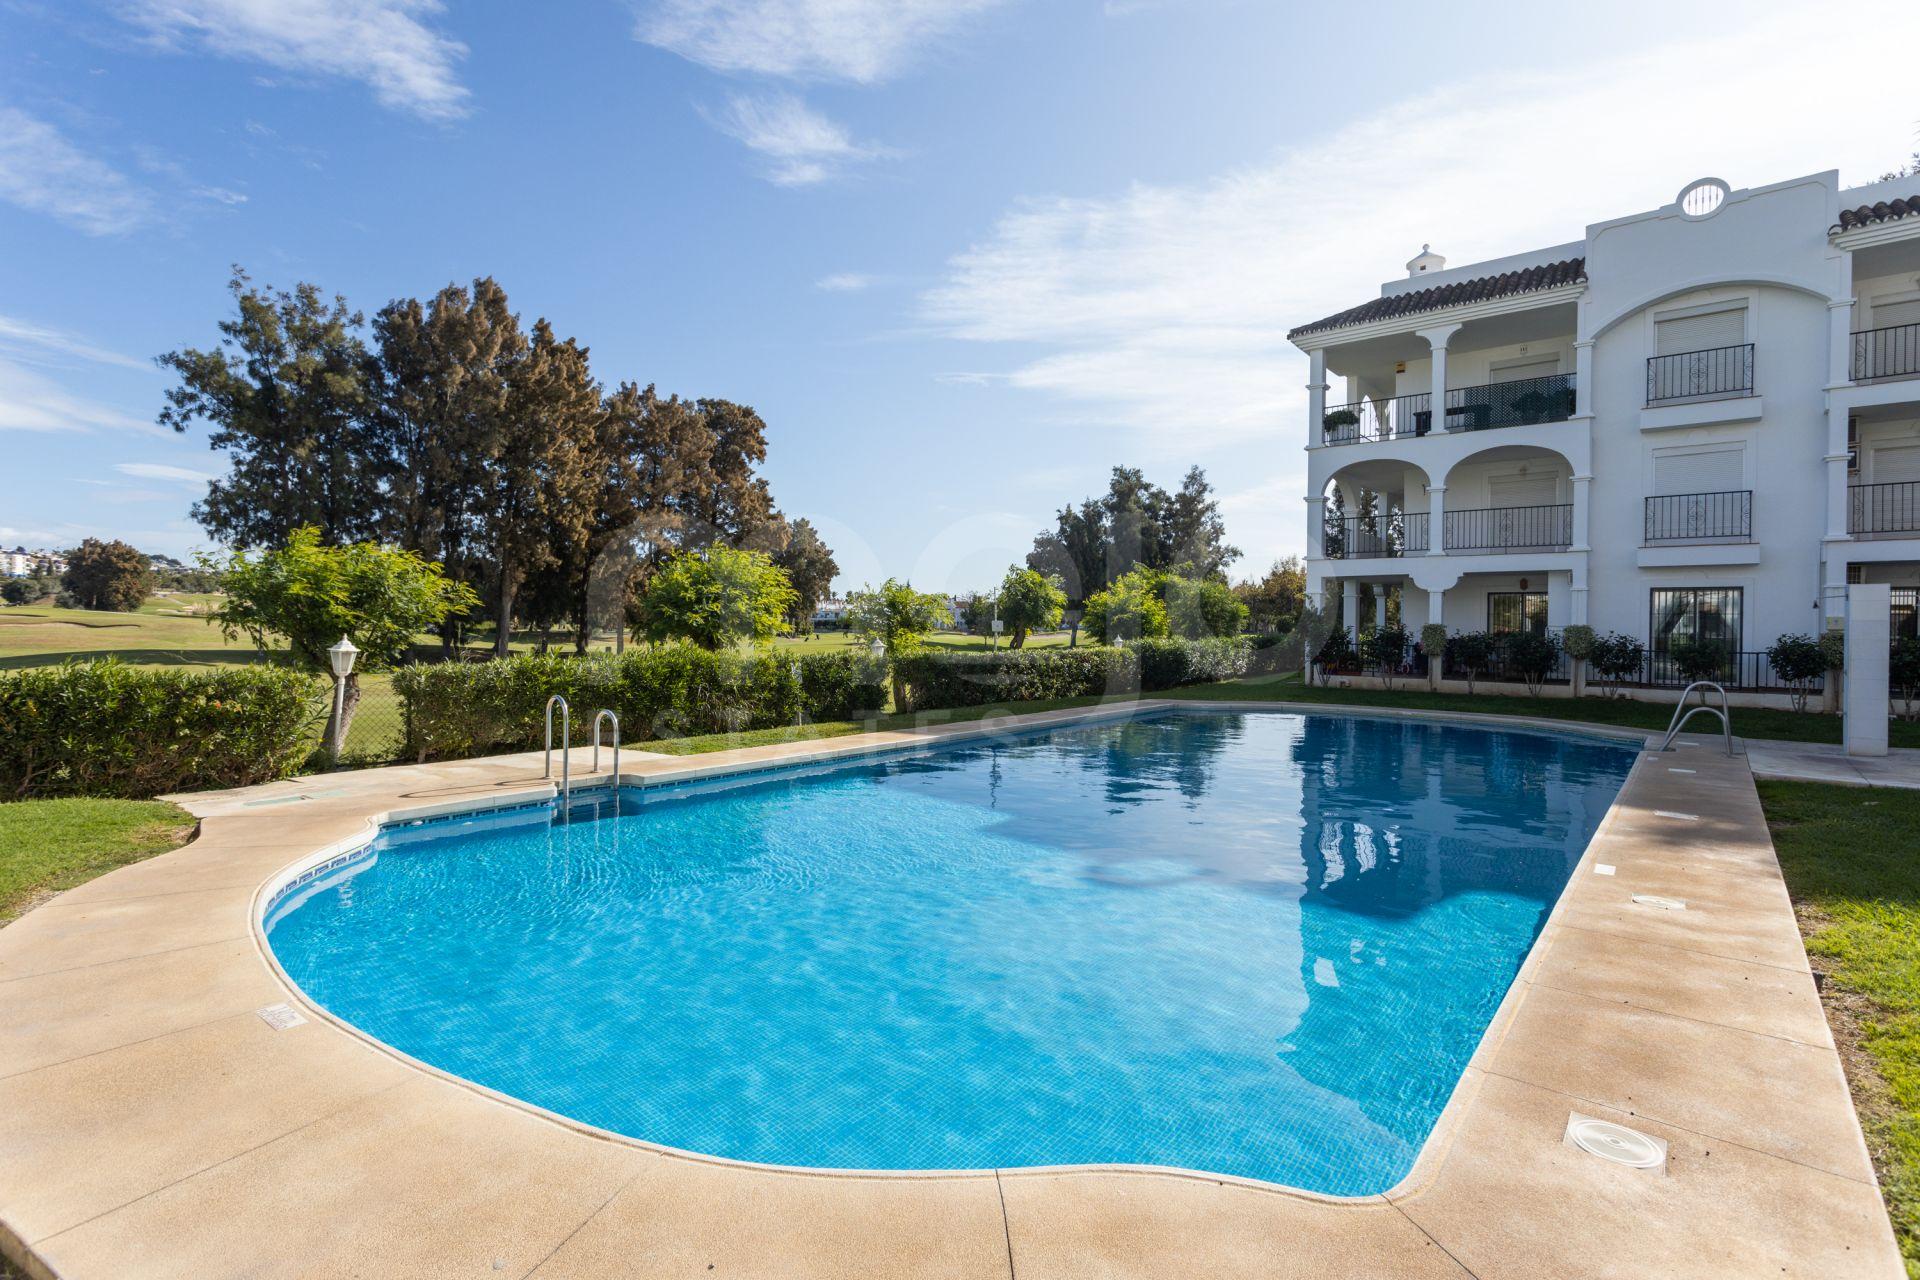 Appartement begane grond te koop in Mijas Golf, Mijas Costa